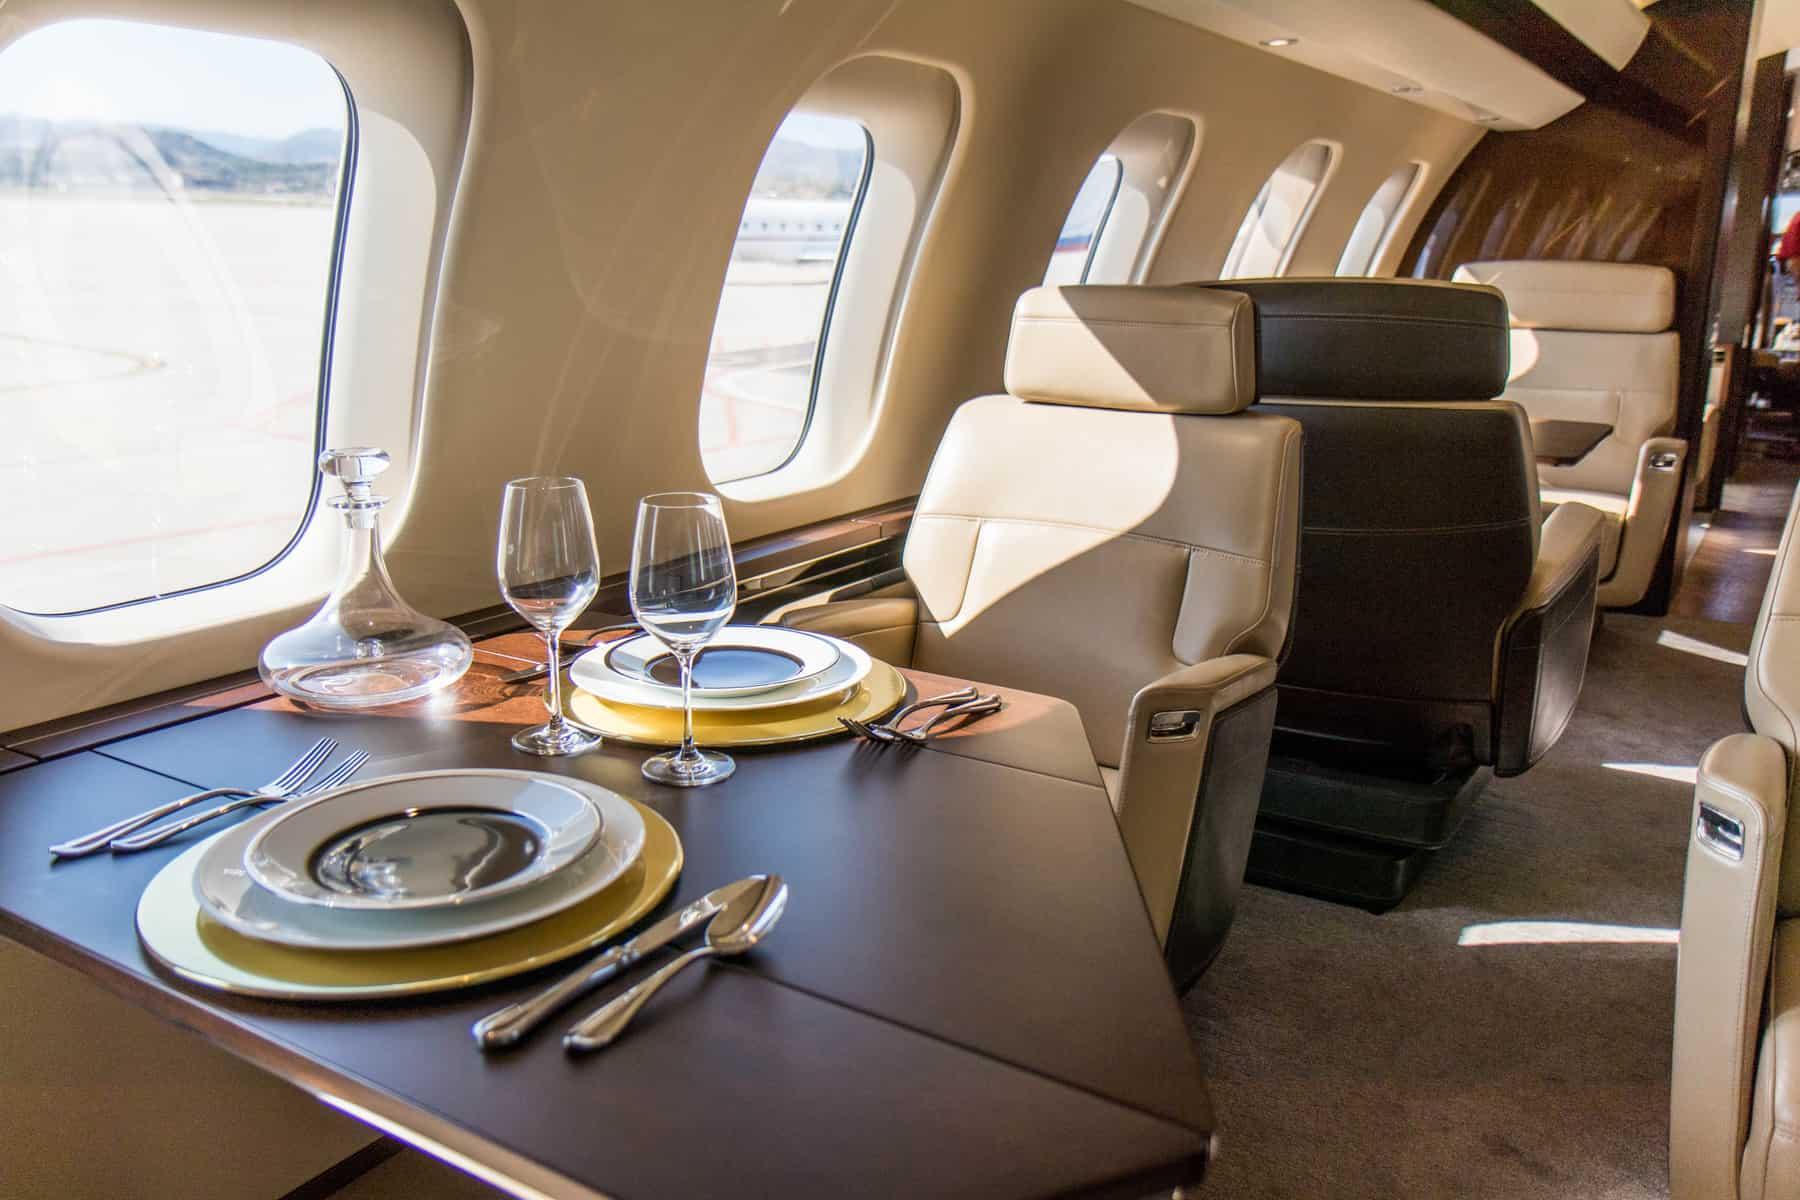 Suite club Bombardier Global 7500